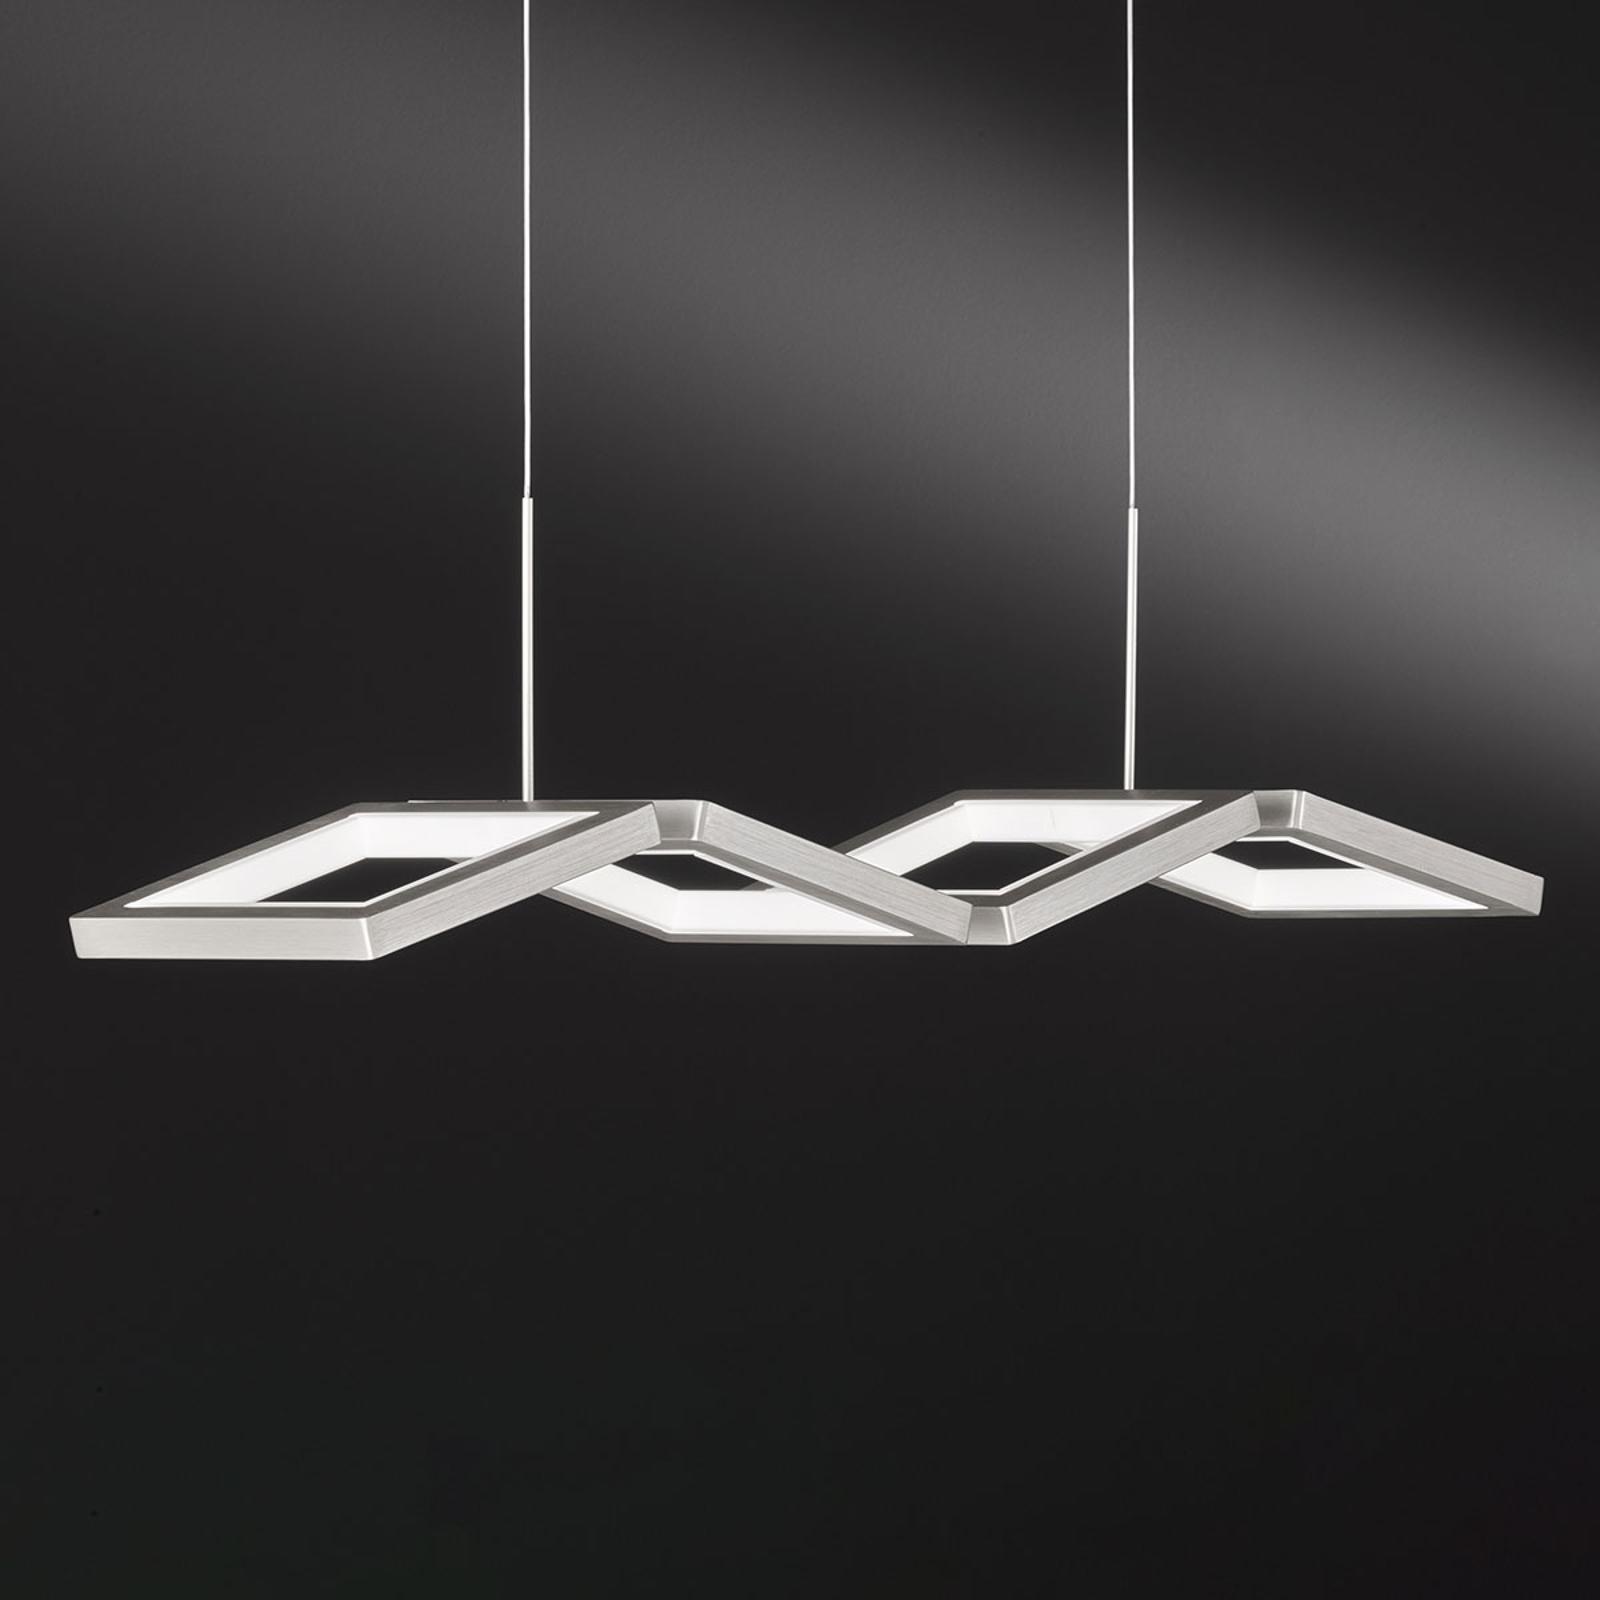 In drei Stufen dimmbar - LED-Hängeleuchte Viso